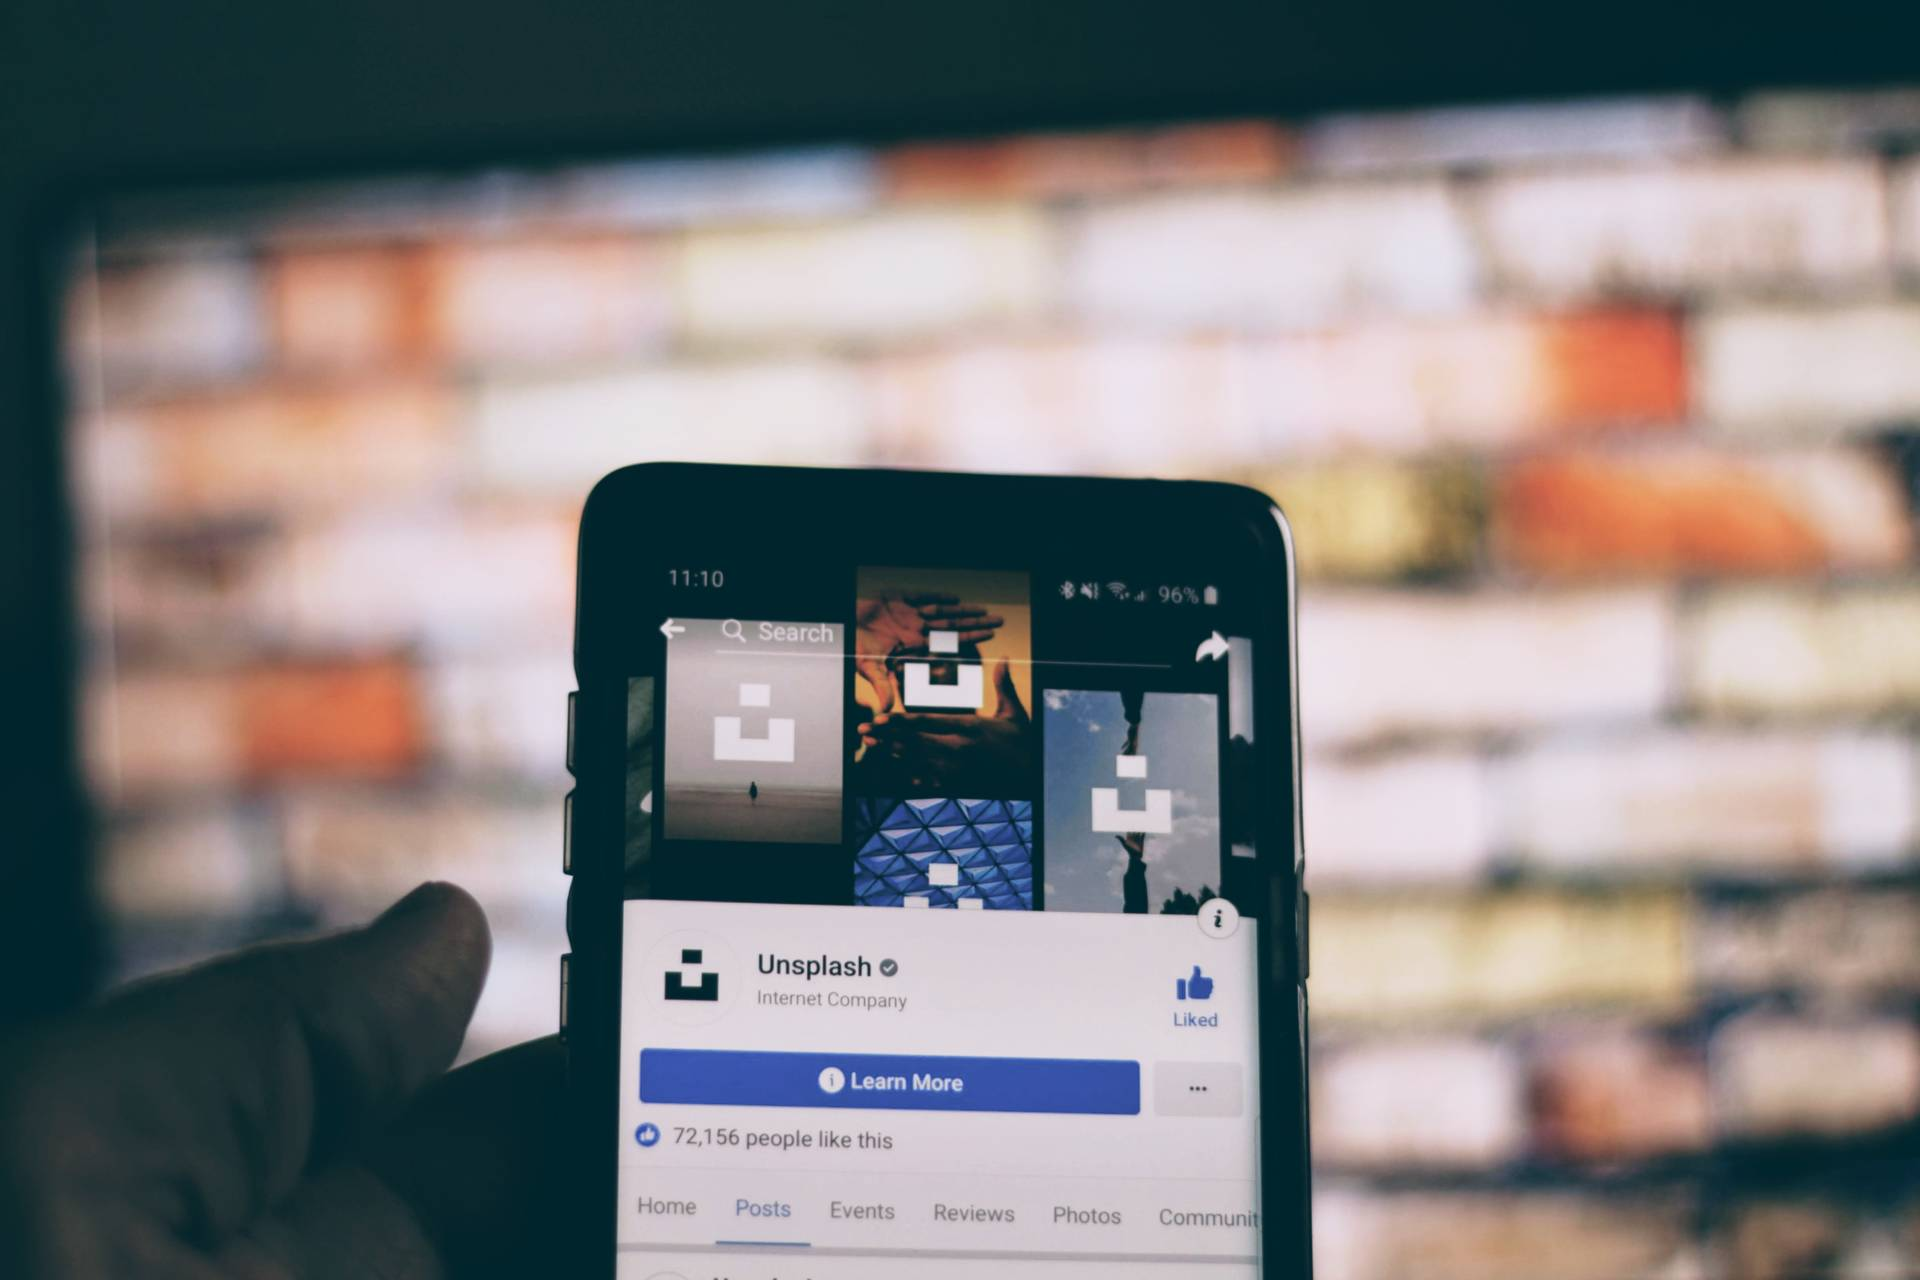 Numeri di telefono su Facebook: oltre 400 milioni esposti online